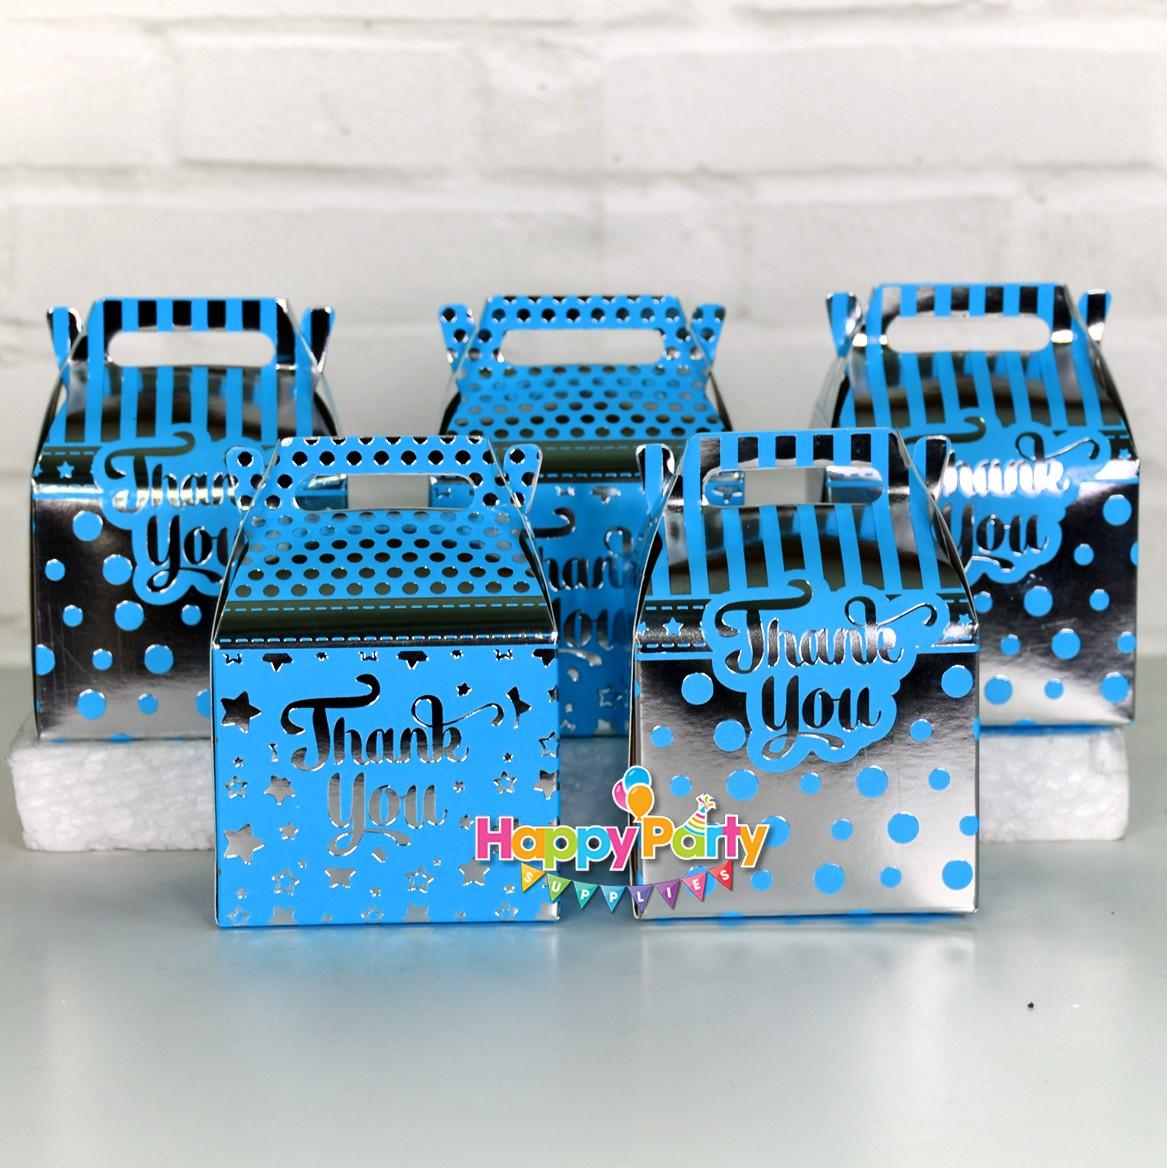 xanh duong silver ep kim hộp quà sinh nhật shopphukiensinhnhat.com